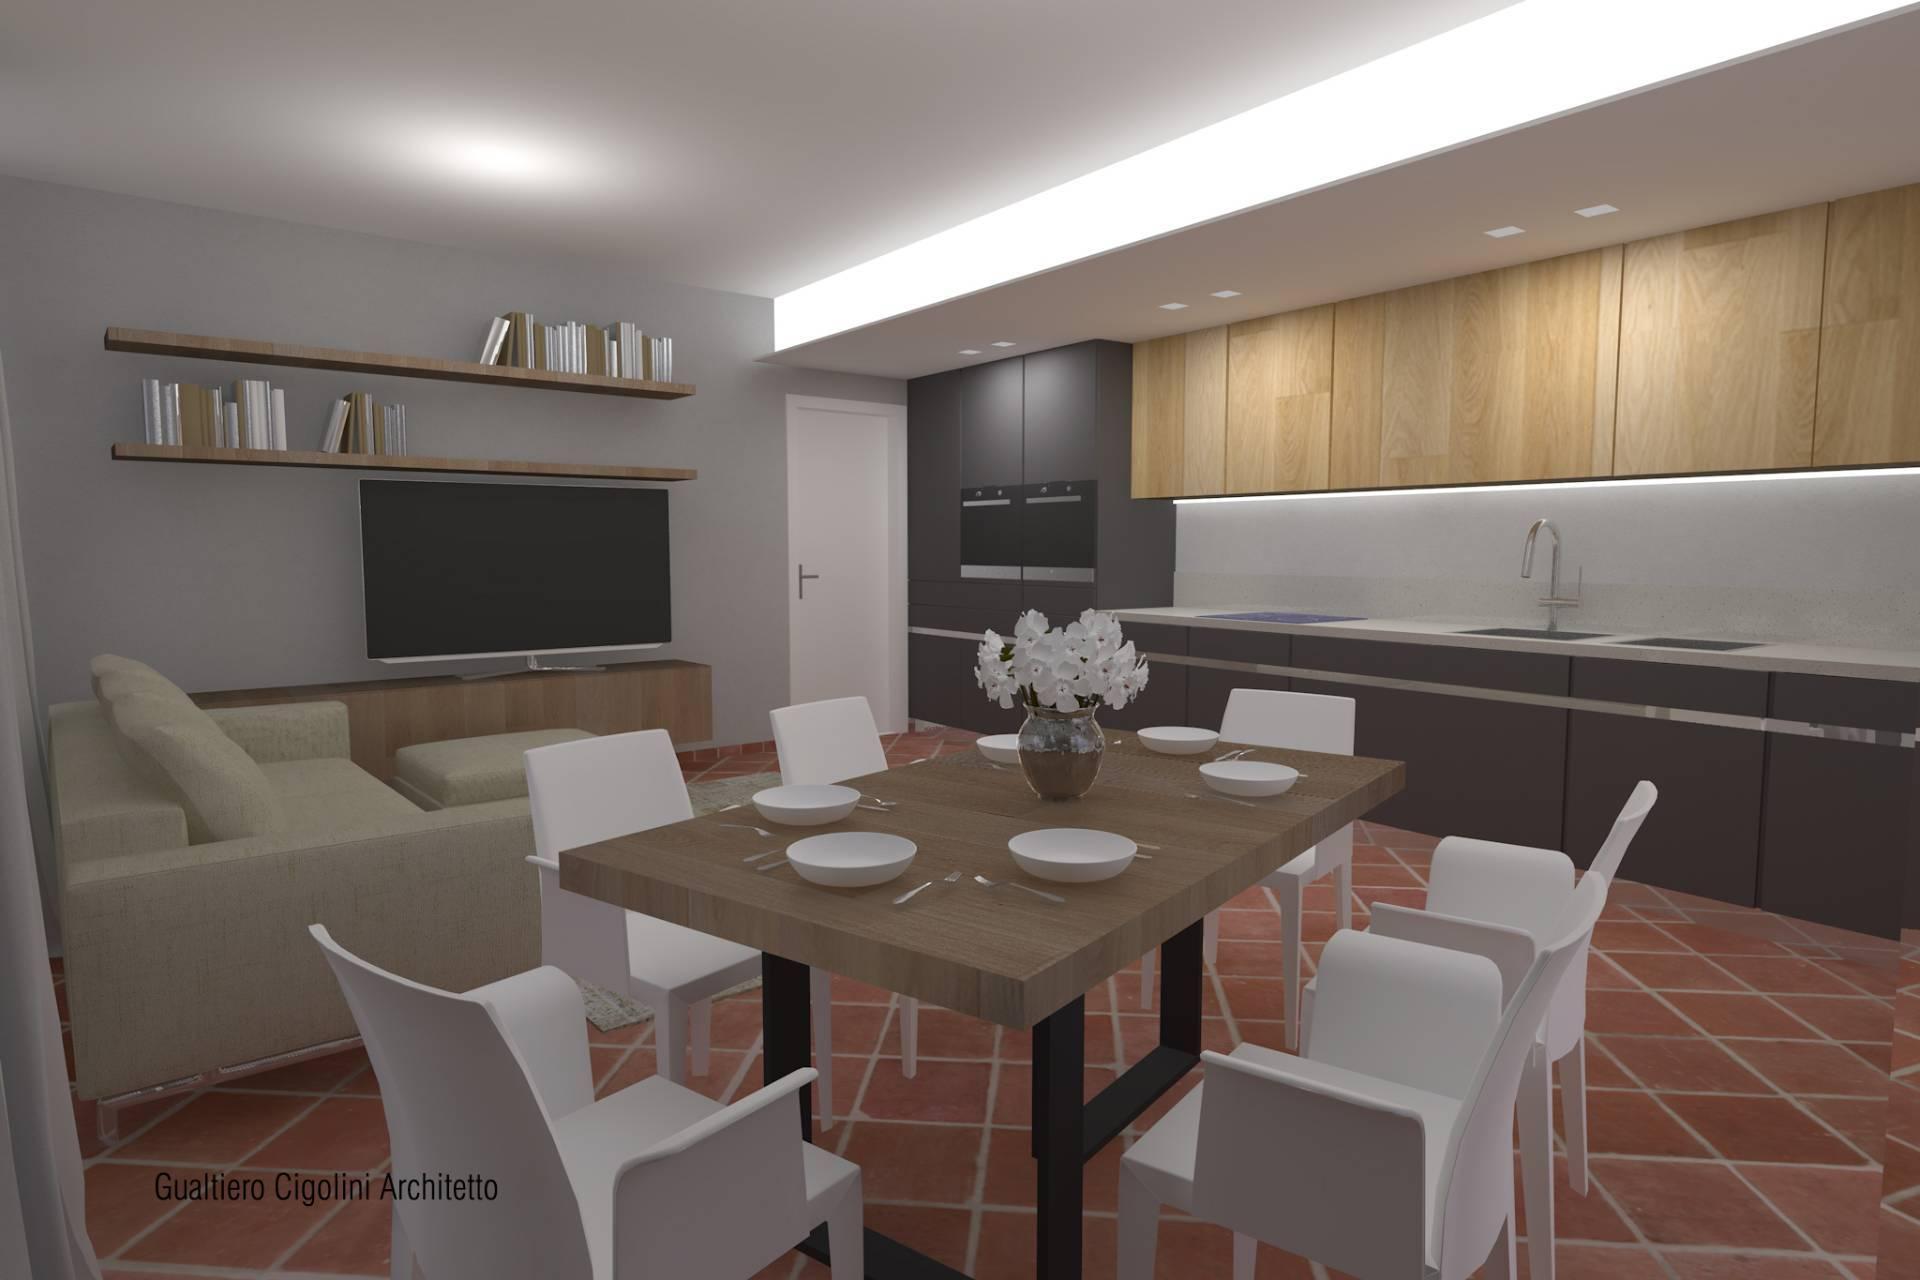 Appartamento in vendita a Gardone Val Trompia, 3 locali, zona Zona: Inzino, prezzo € 89.000   CambioCasa.it